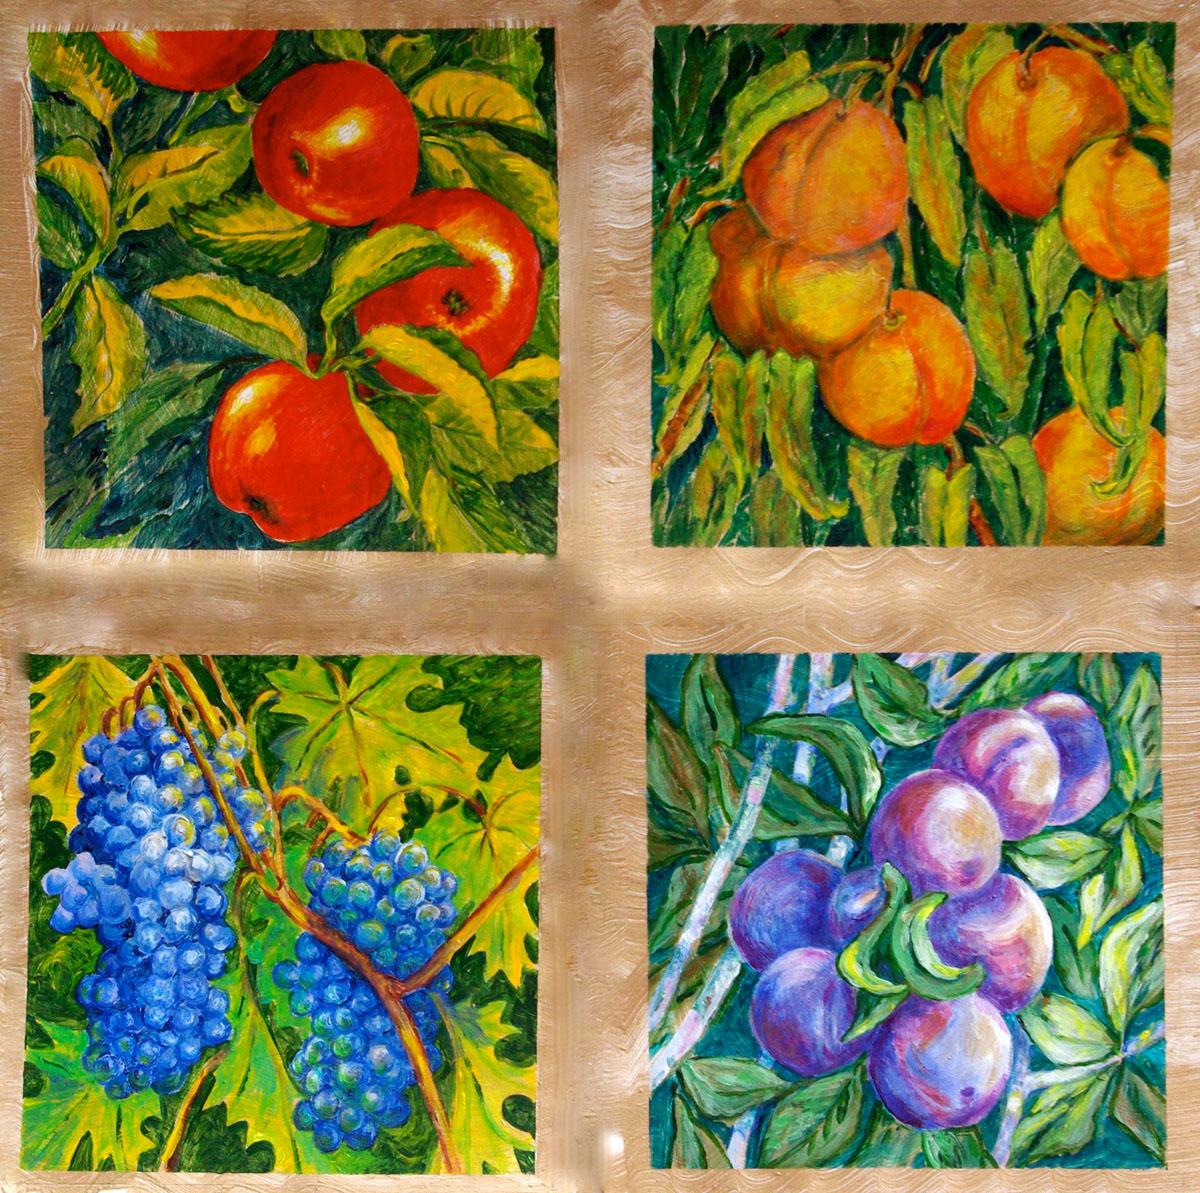 Luscious Fruit Quartet: acrylic painting